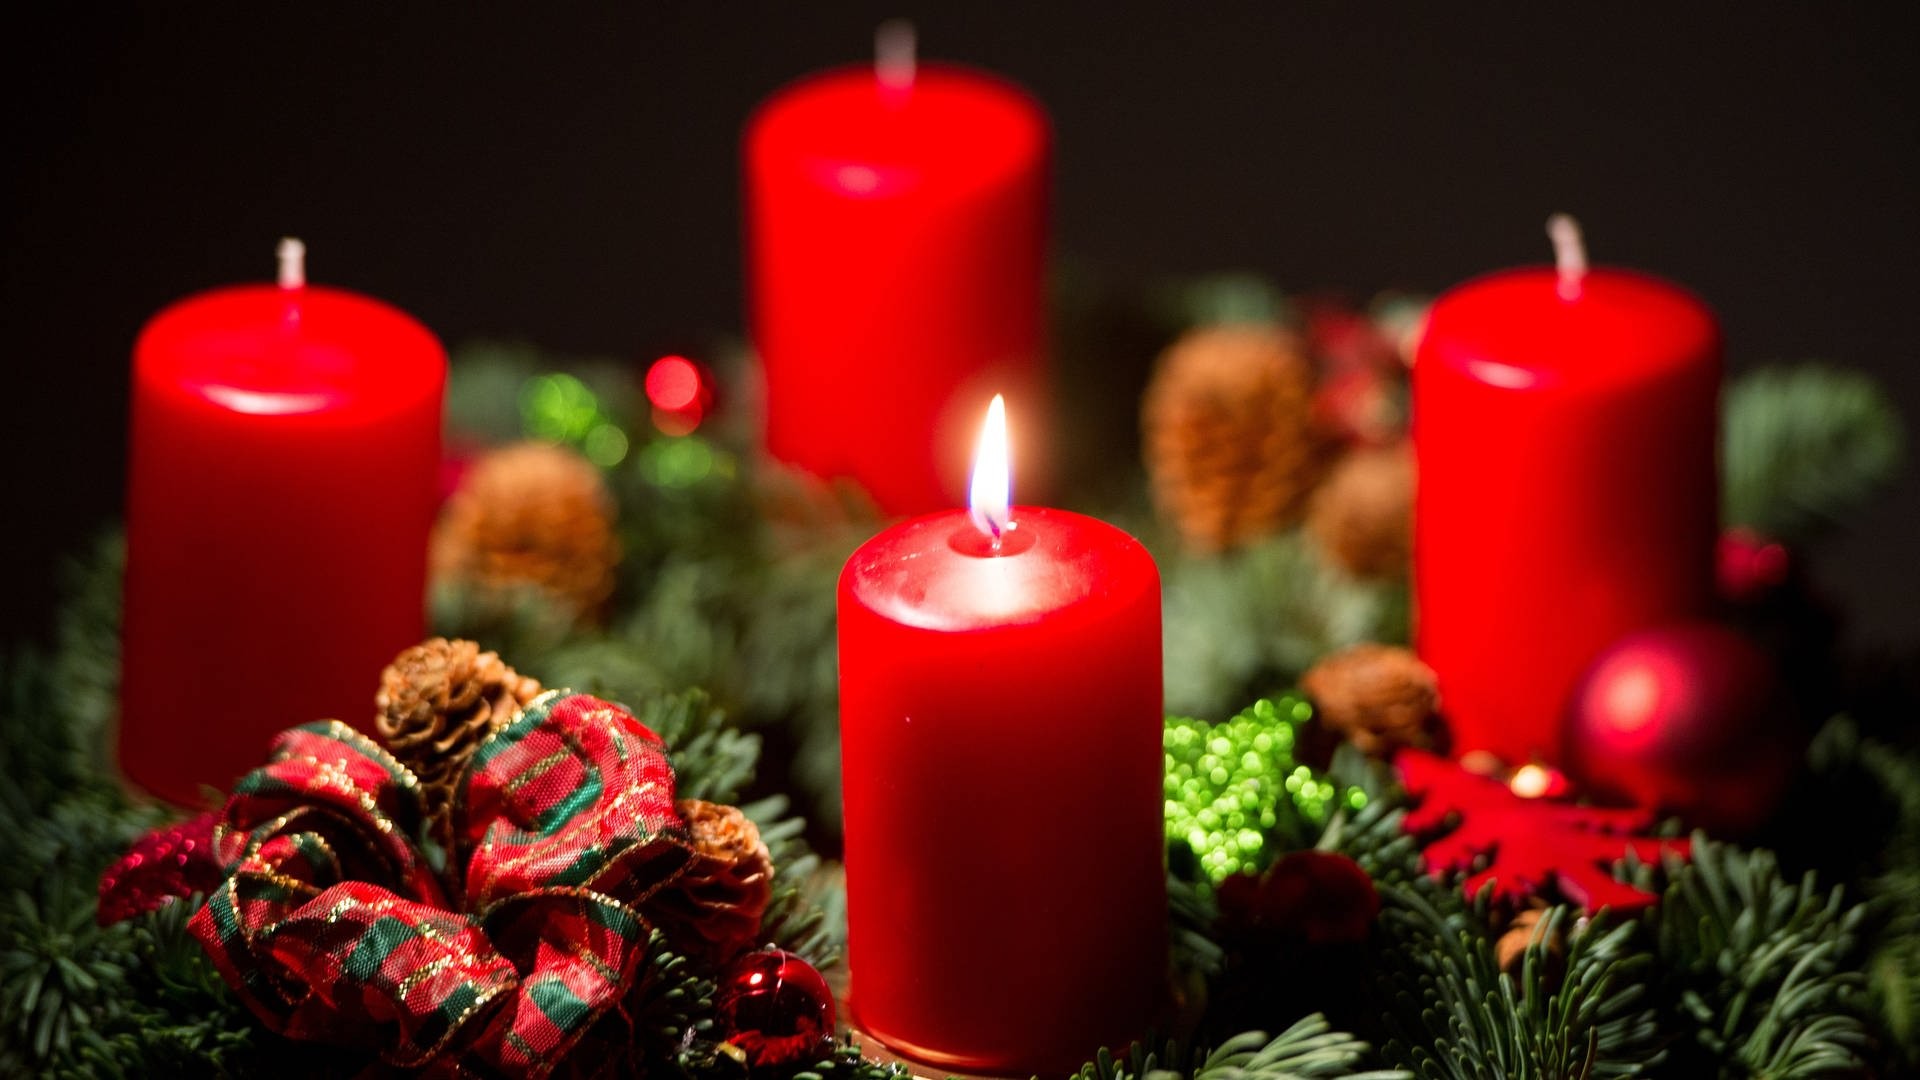 Weihnachten Seit Wann.Seit Wann Gibt Es Den Adventskranz Und Woher Kommt Dieser Brauch